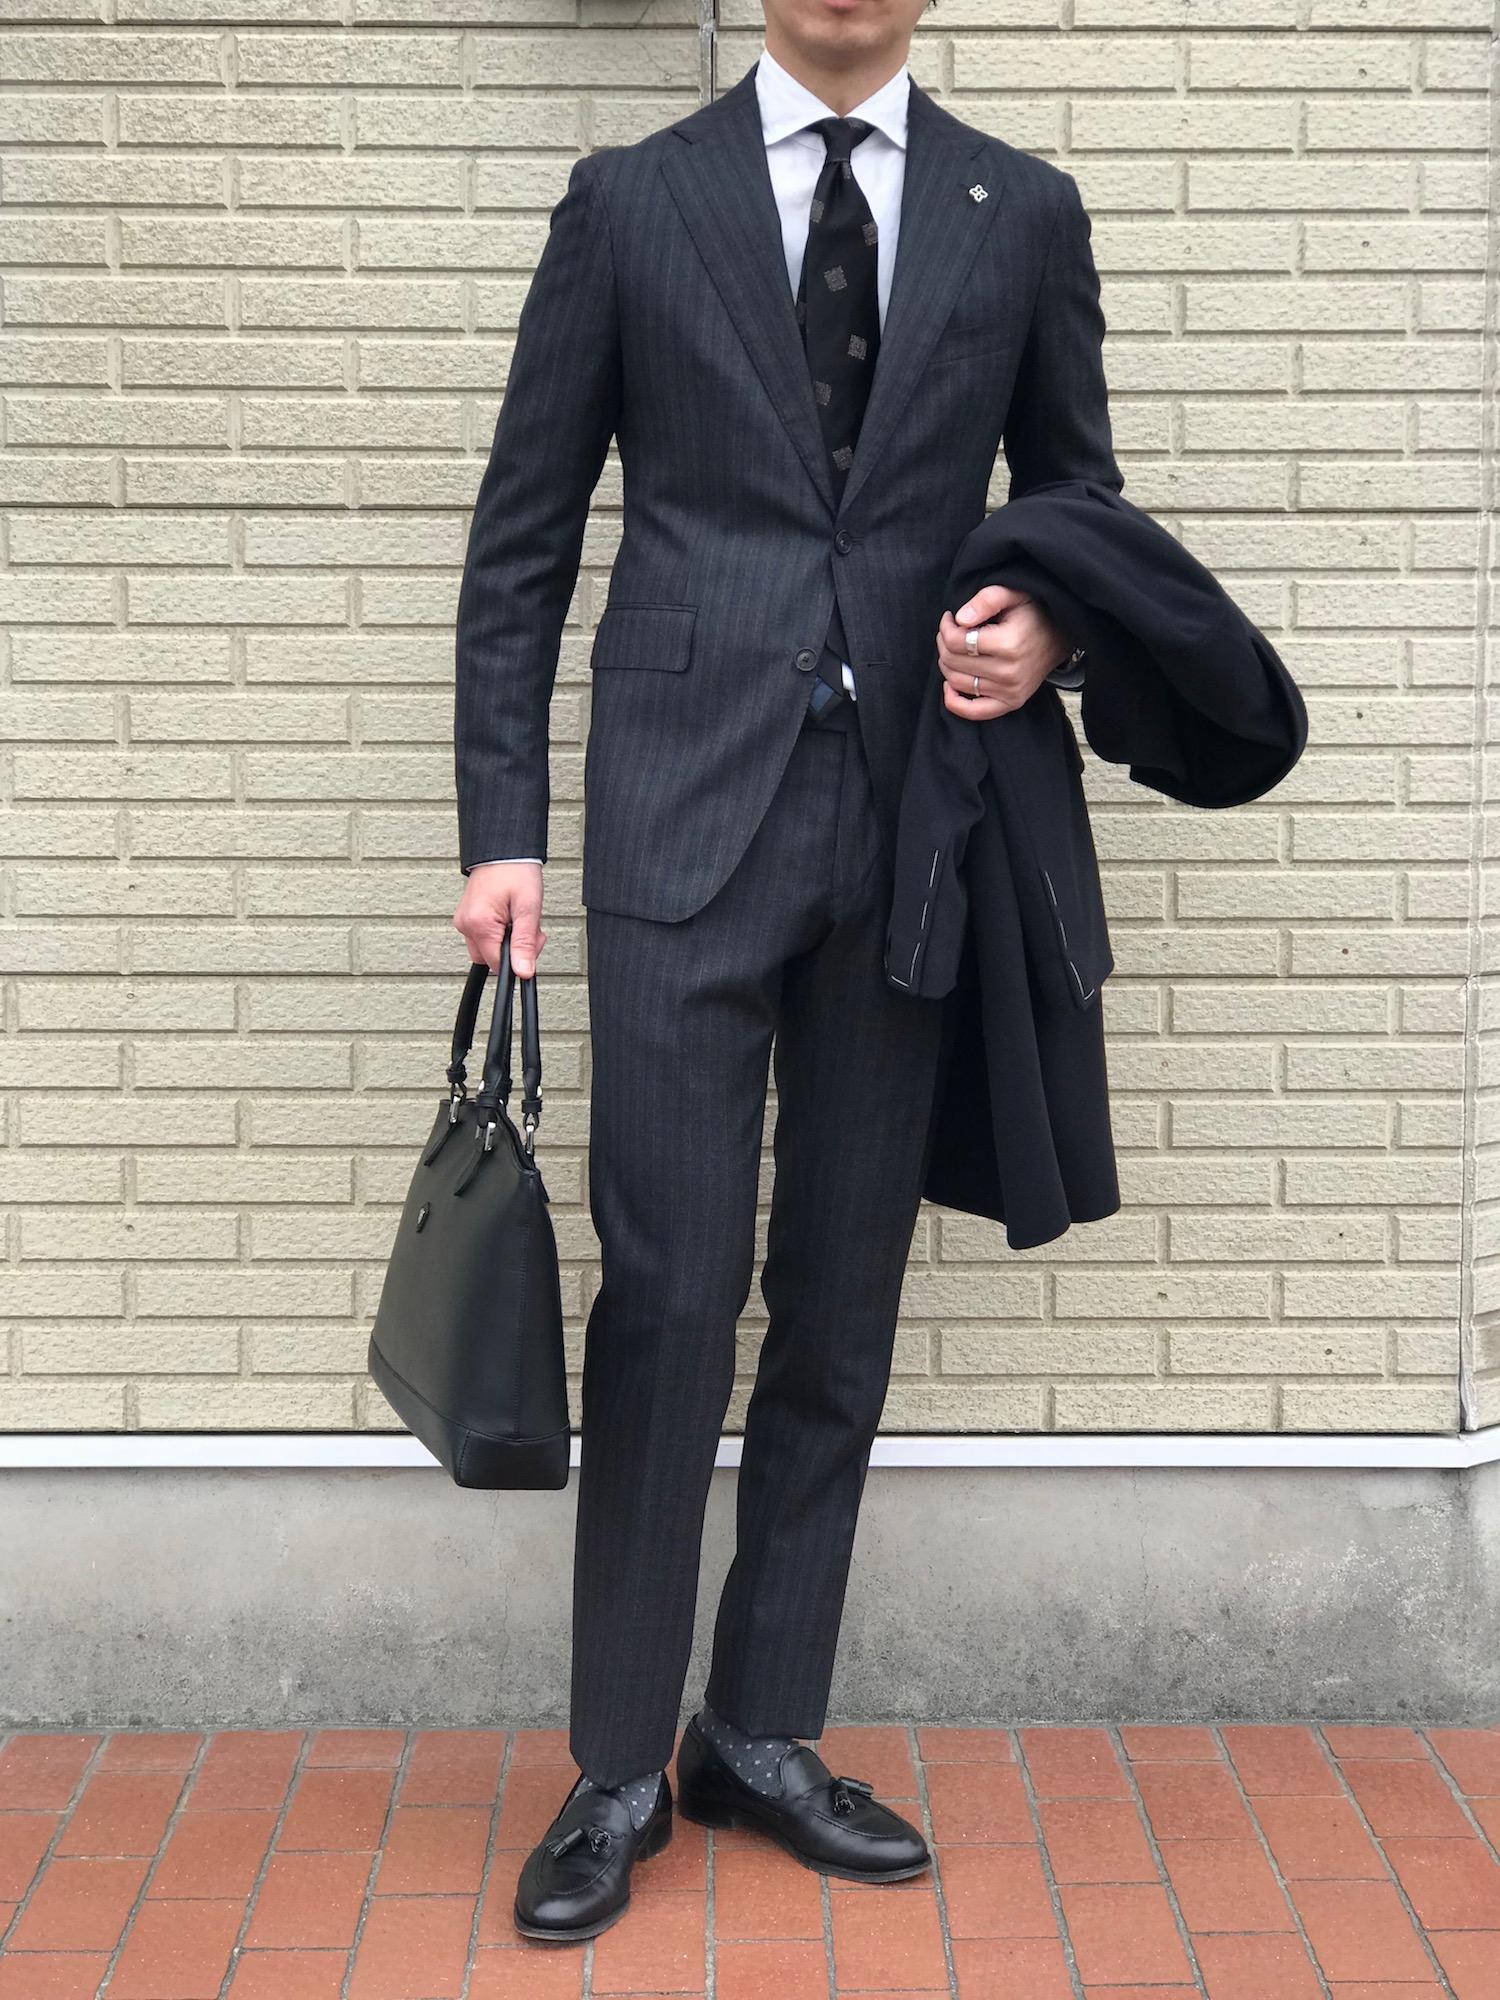 クラシコスタイルにモダンなブラックタイが気分! 【TAGLIATORE】「VESVIO」オルタネートストライプ柄スーツ!!